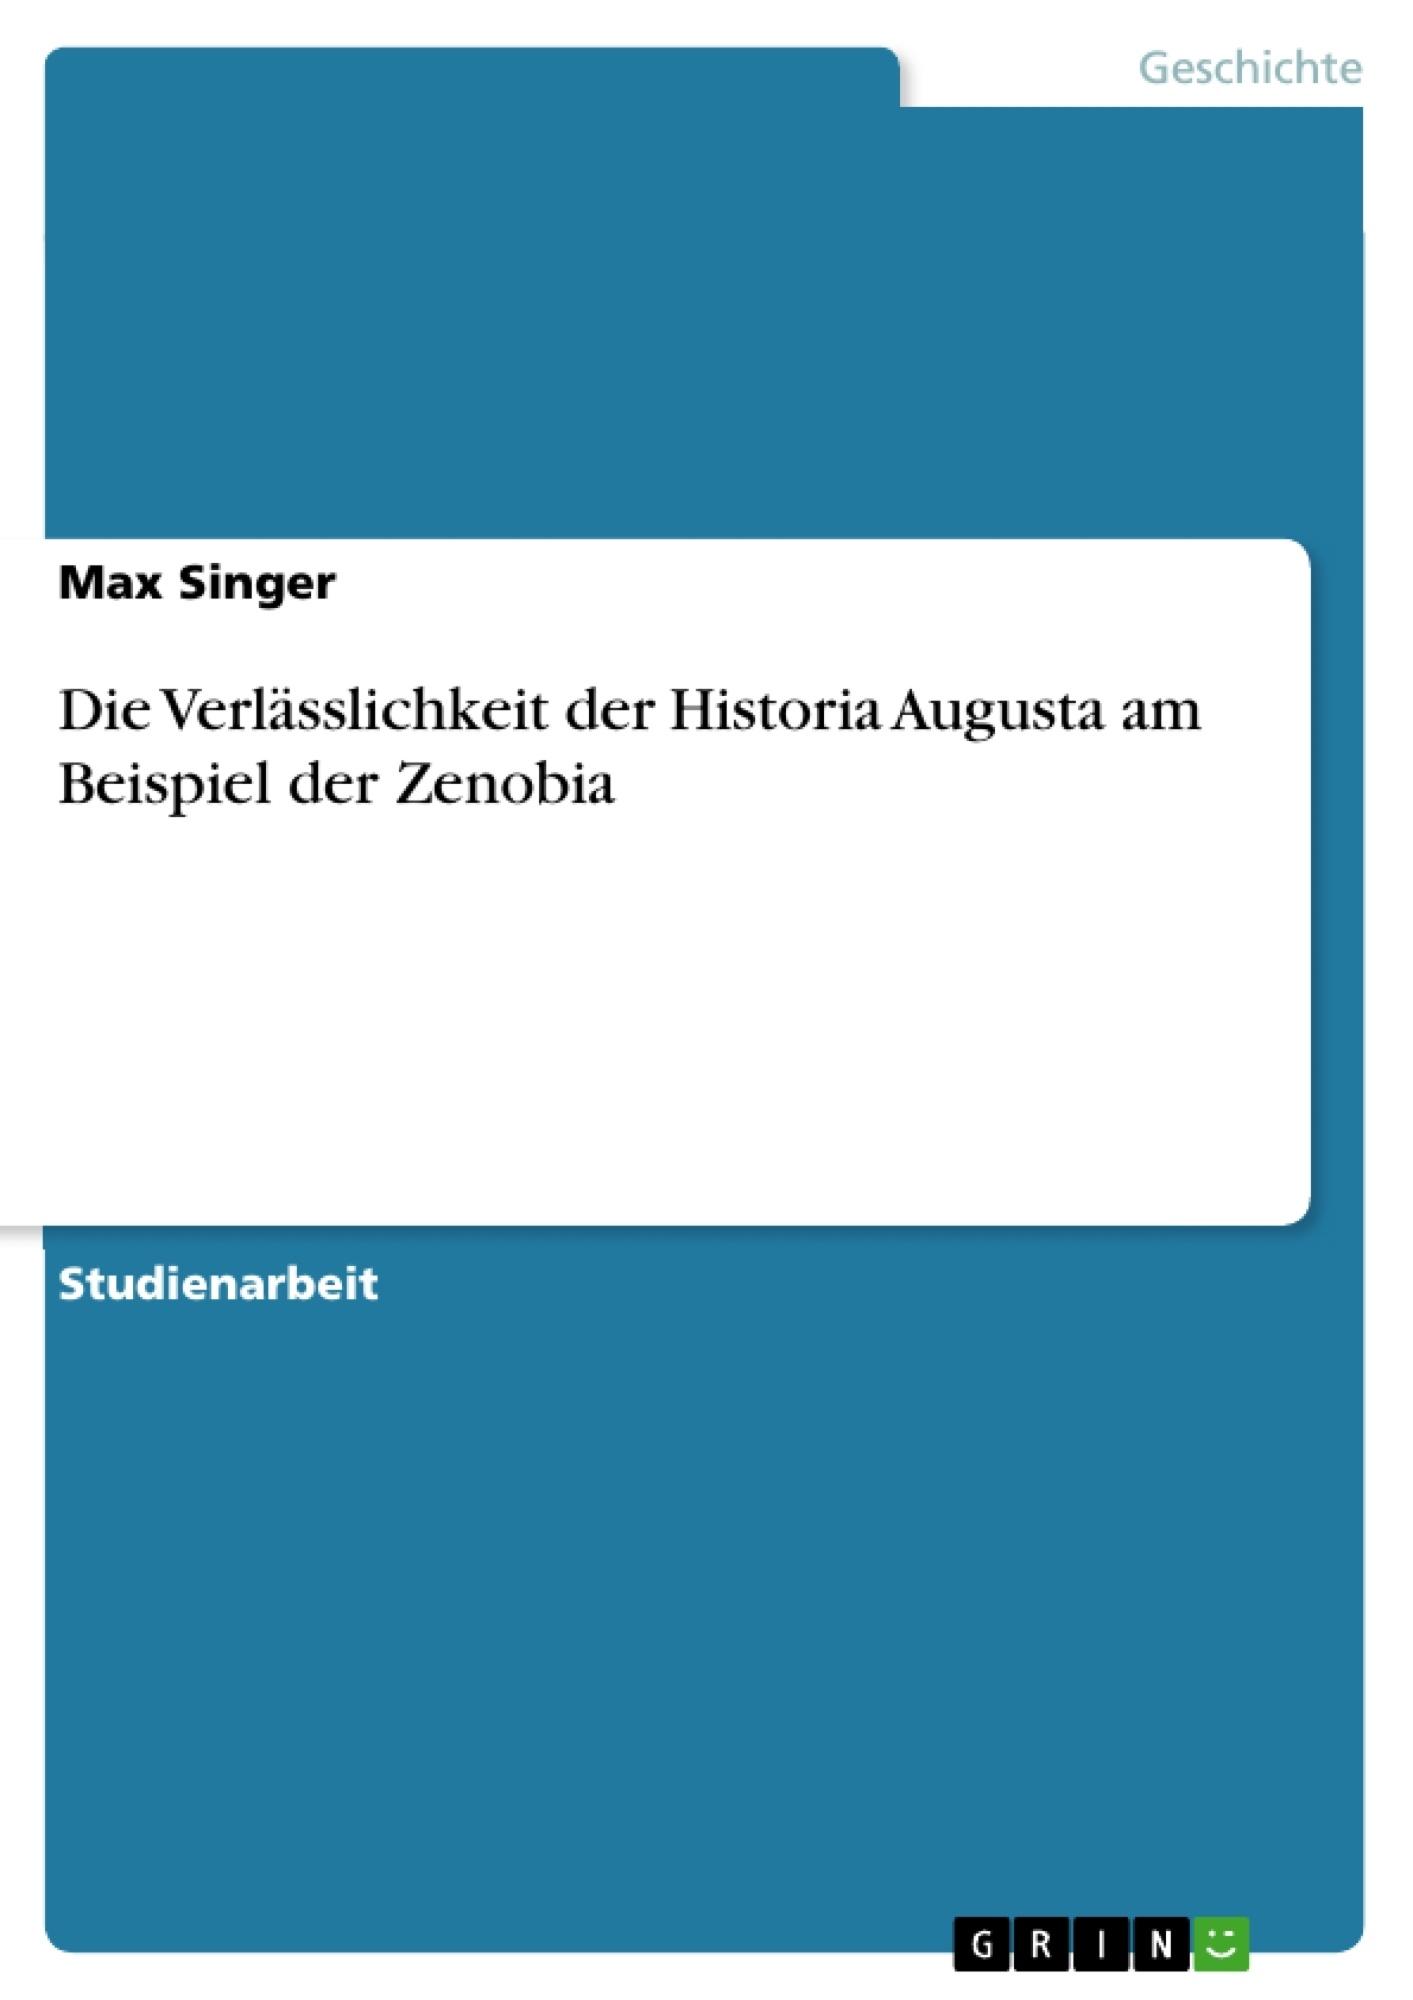 Titel: Die Verlässlichkeit der Historia Augusta am Beispiel der Zenobia